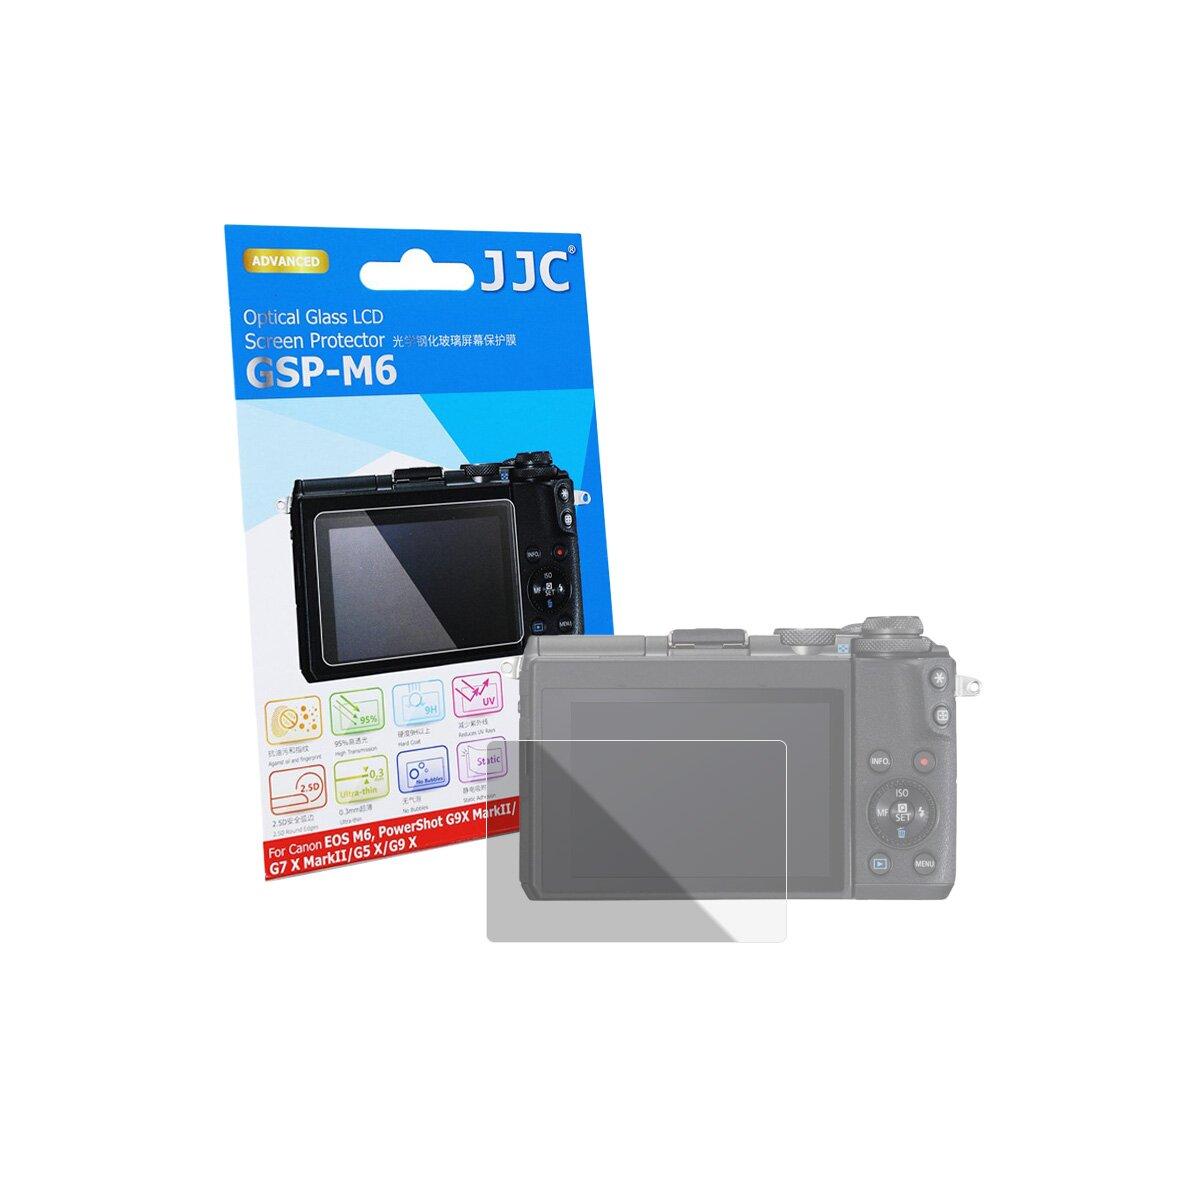 JJC GSP-M6 Hochwertiger Displayschutz Screen Protector aus gehärtetem Echtglas kompatibel mit Canon EOS M6, PowerShot G9X Mark II, G7 X Mark II, G5 X, G9 X